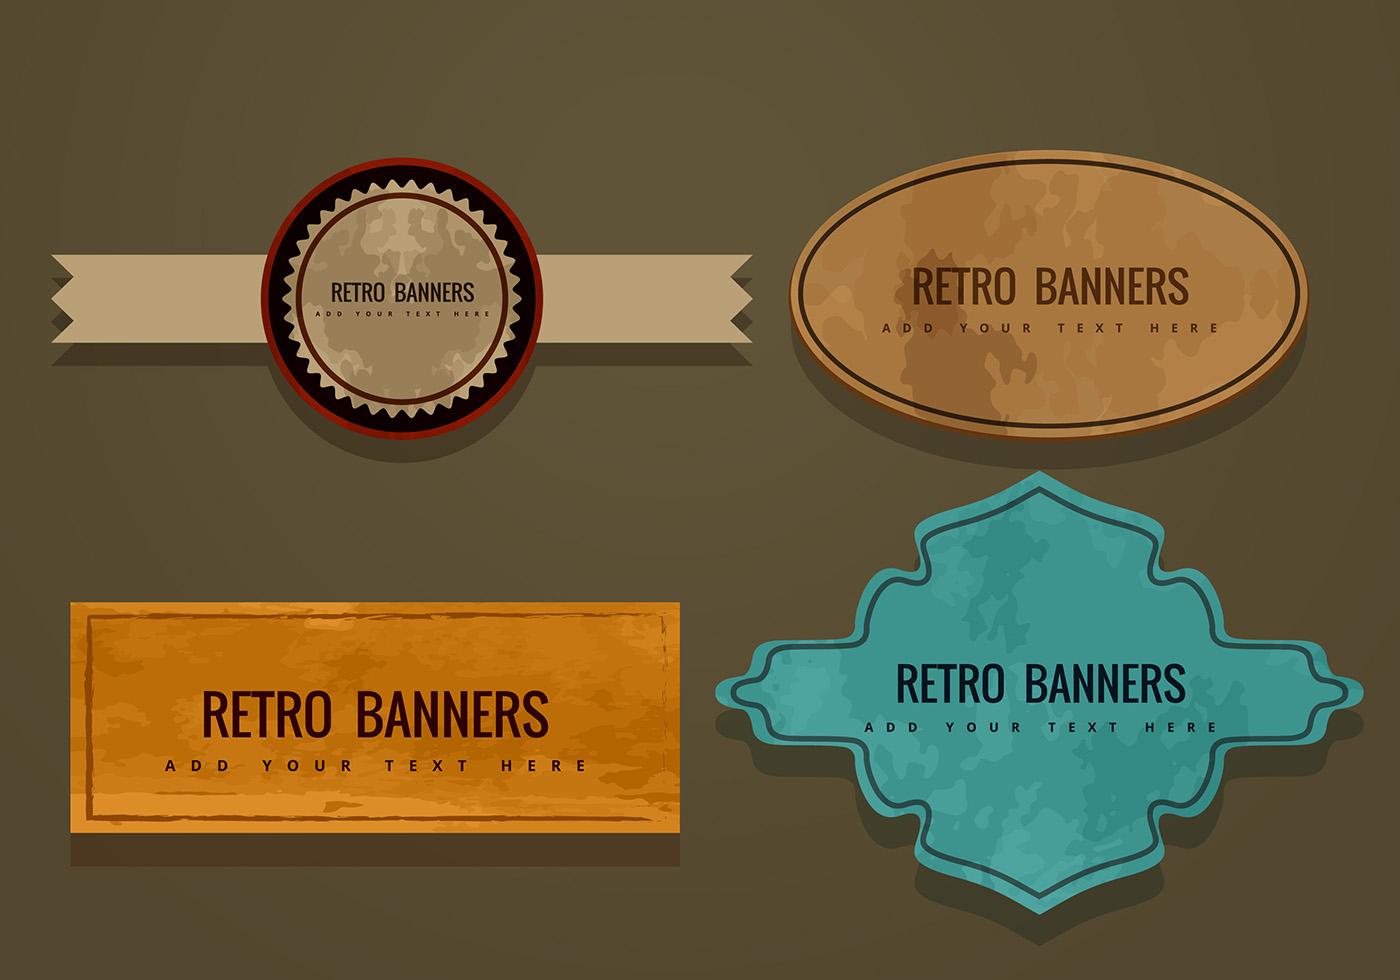 Retro Banner Vectors - Download Free Vectors, Clipart ...